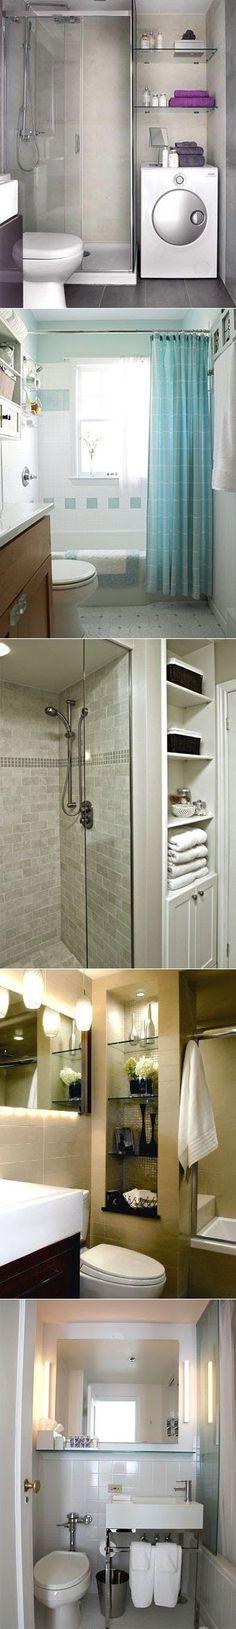 Советы для маленькой ванной комнаты | УЮТНЫЙ ДОМ | советы